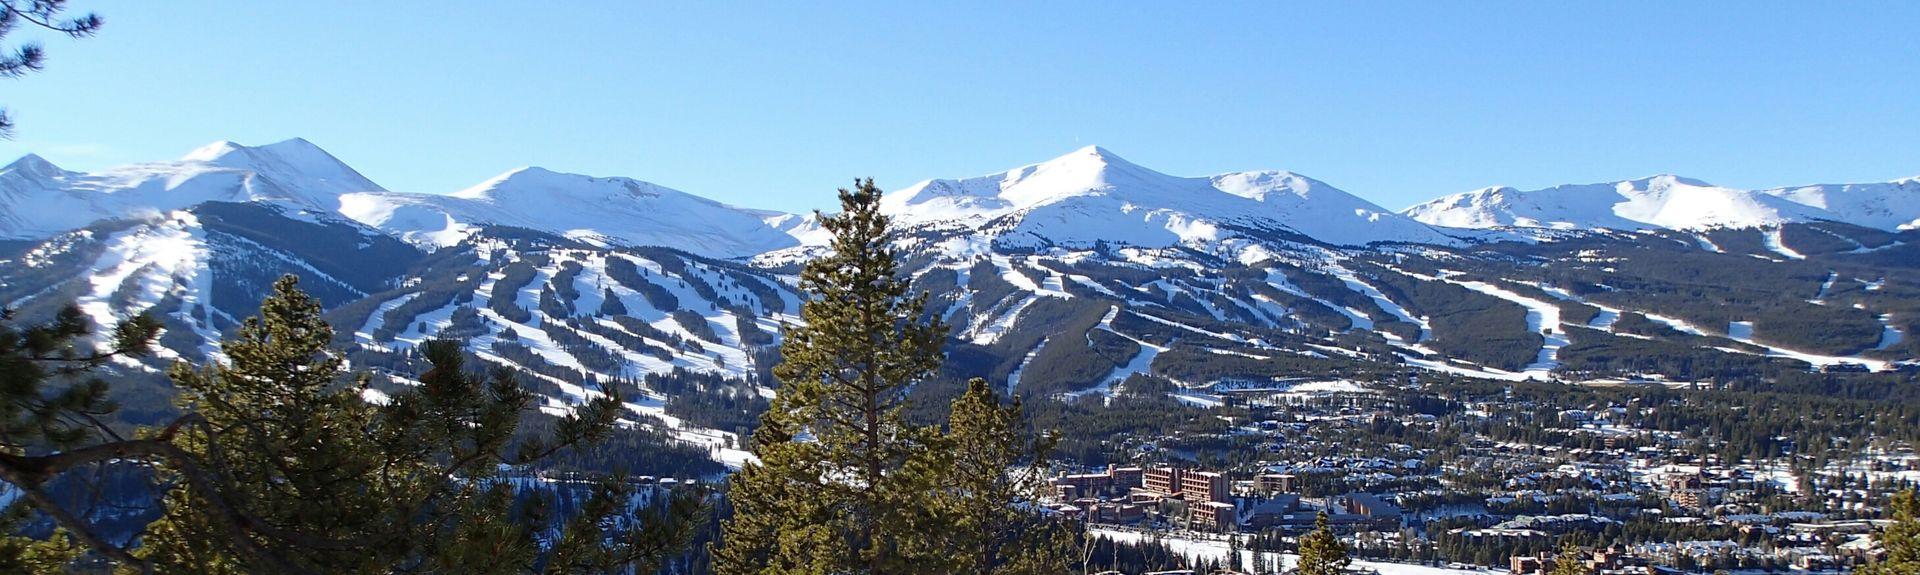 French Ridge (Breckenridge, Colorado, USA)